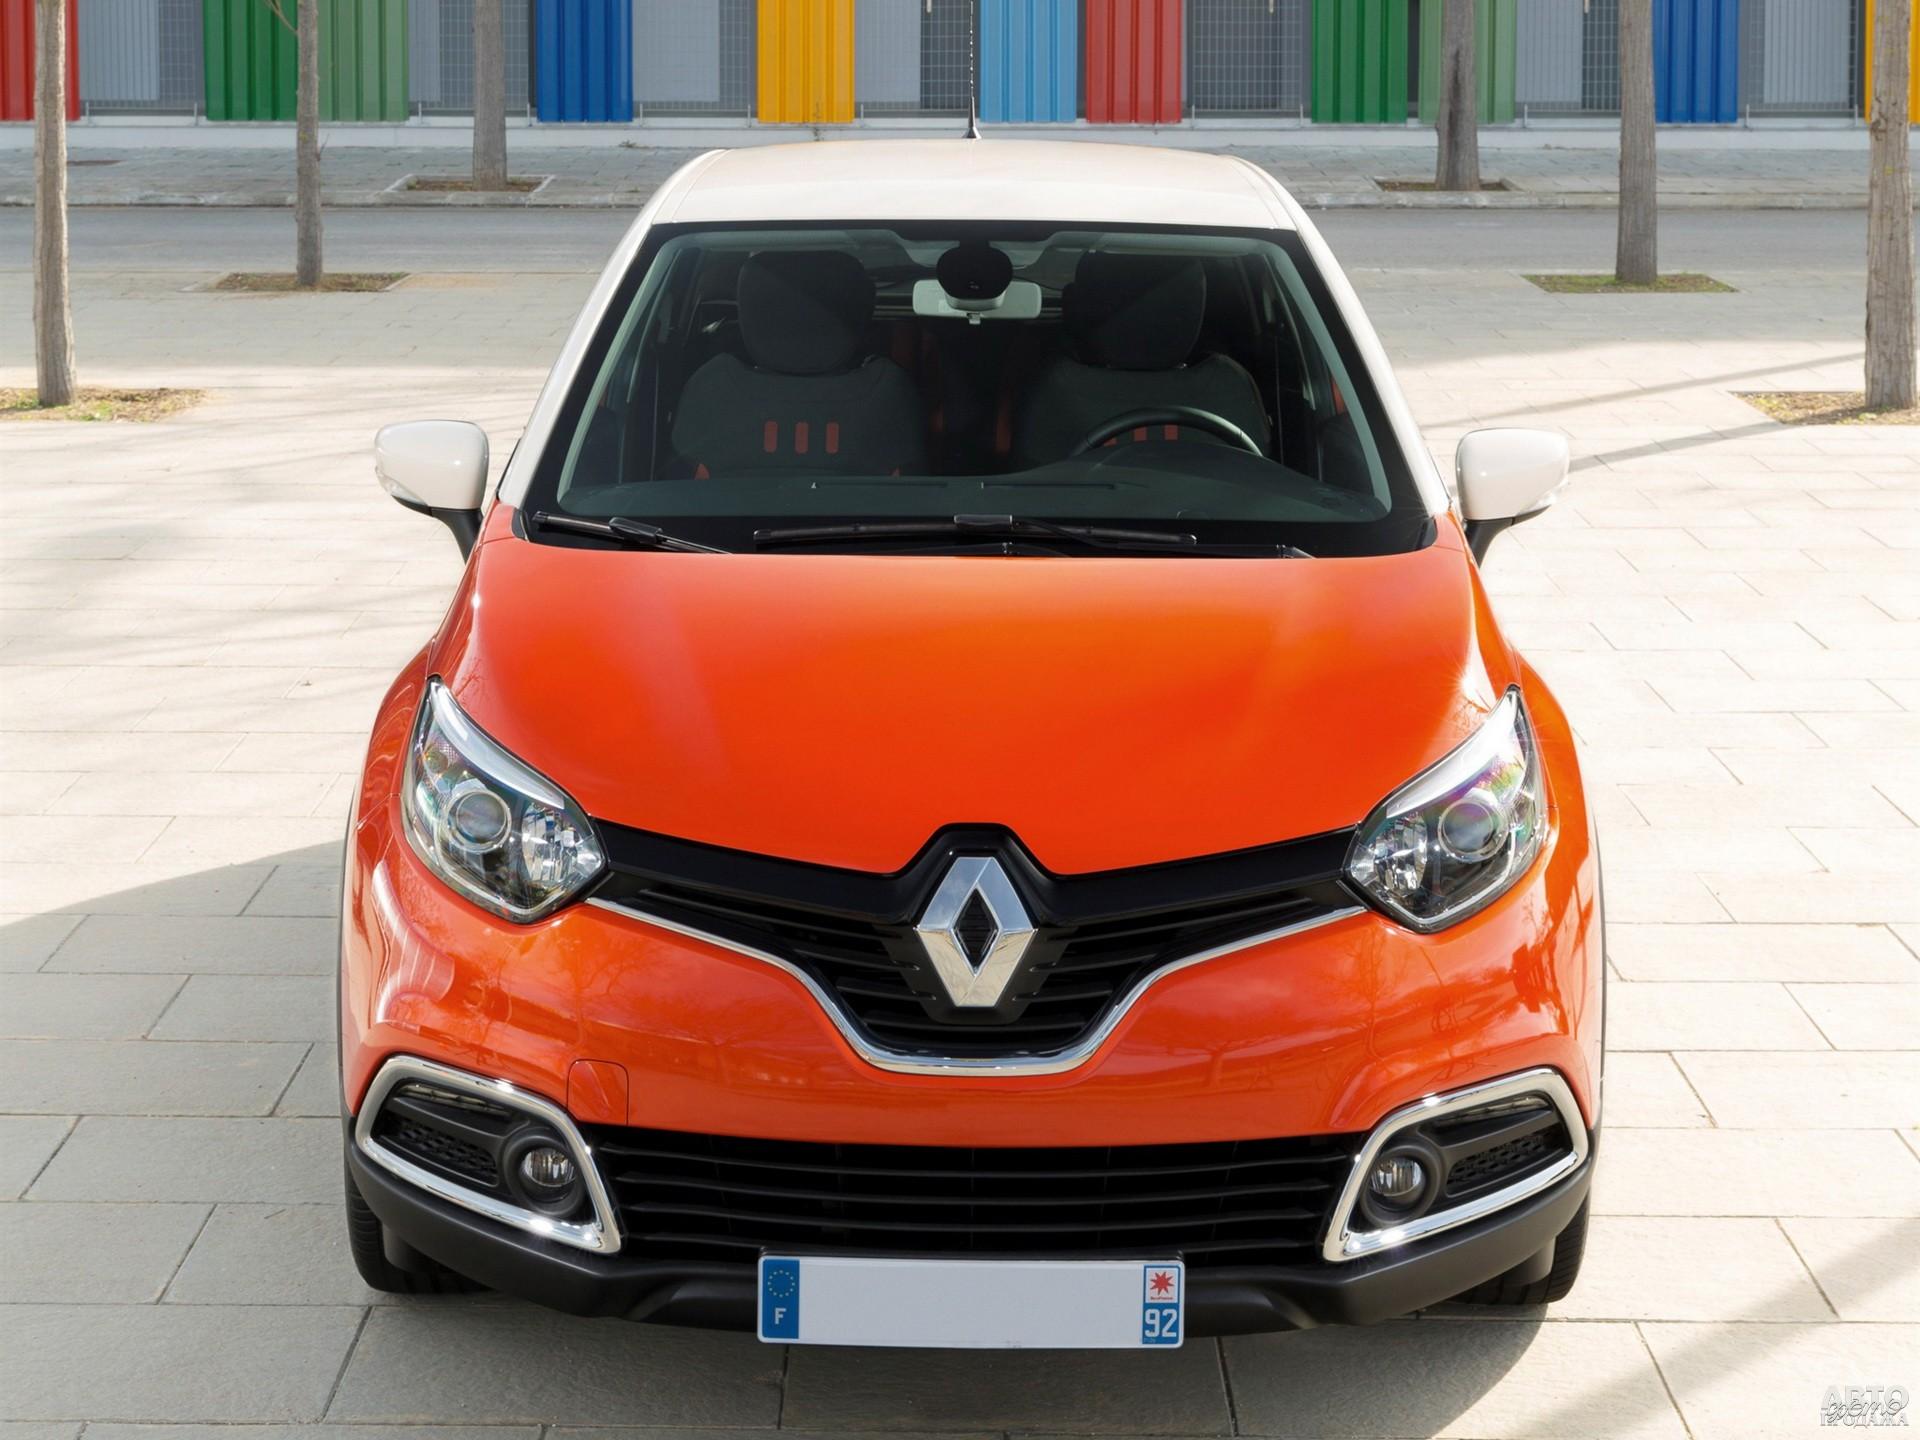 По центру радиаторной решетки Renault_Captur – огромный логотип марки